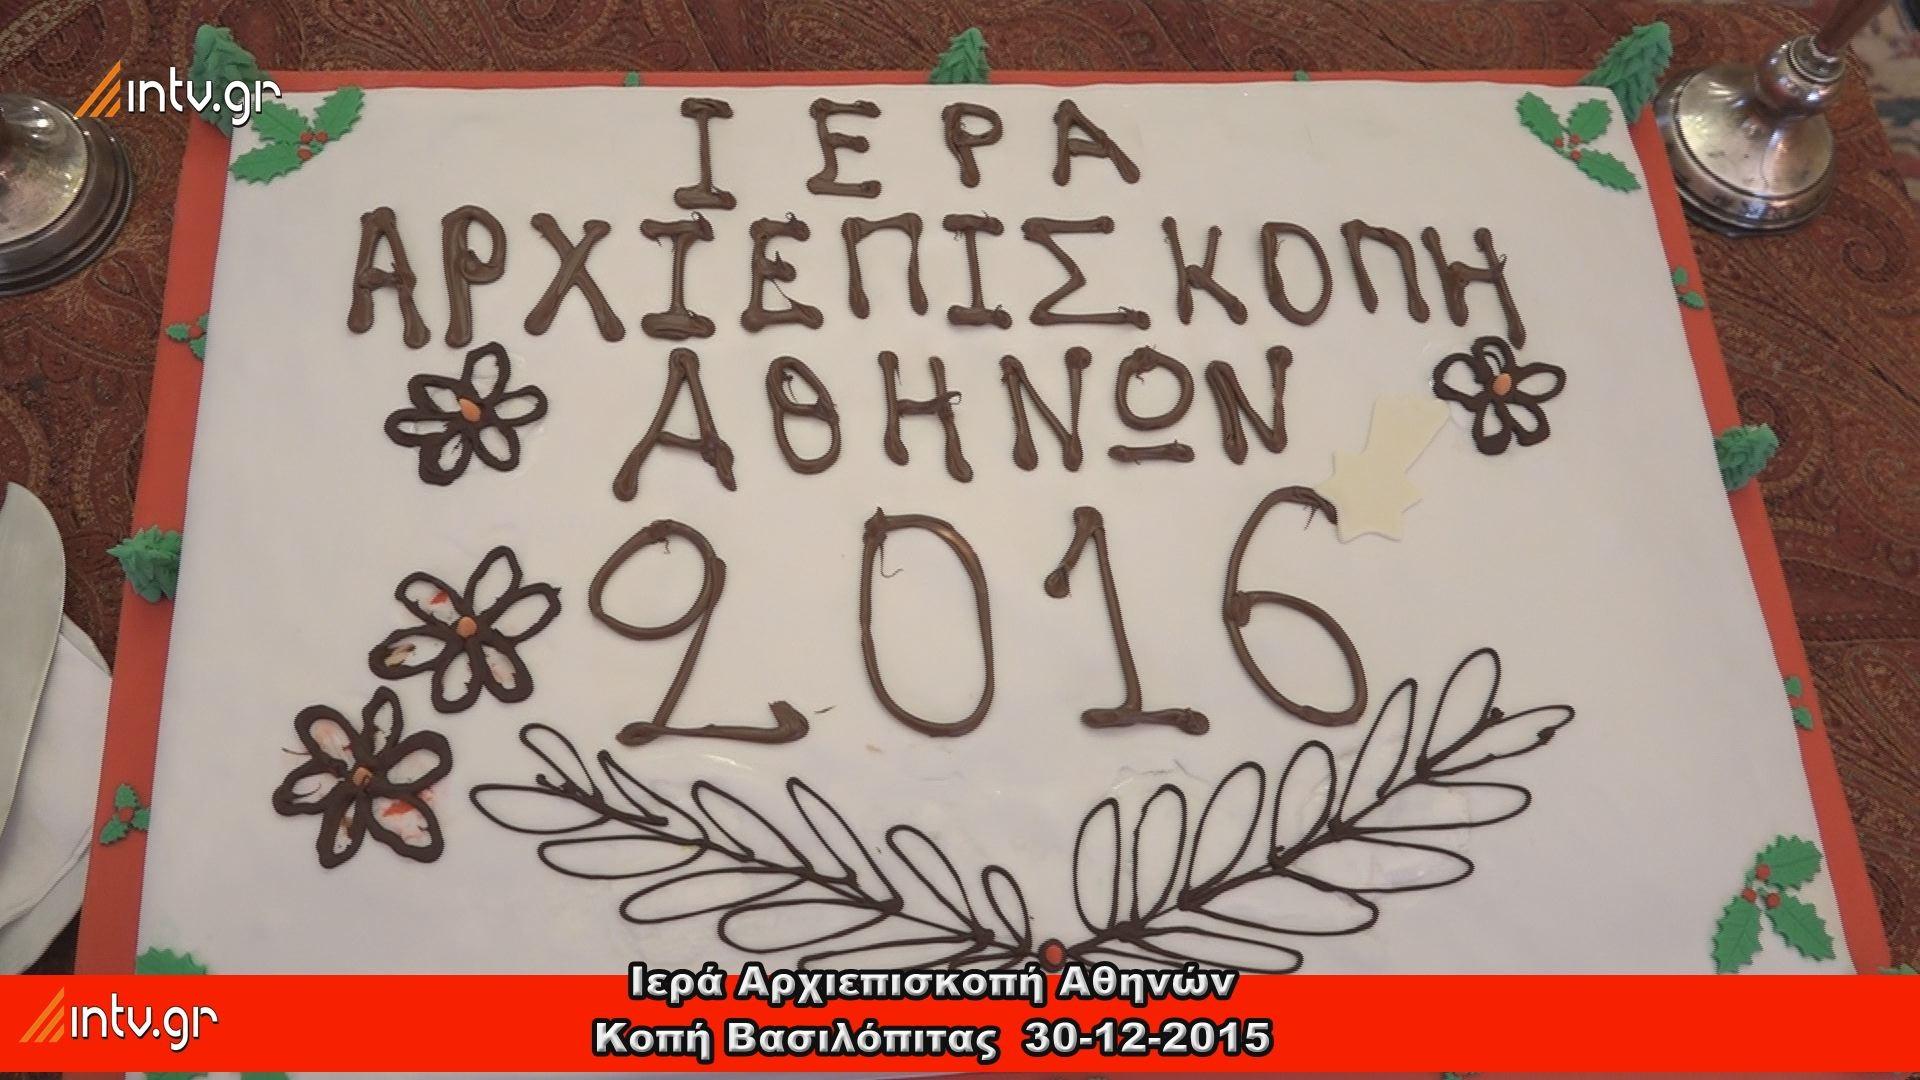 Ιερά Αρχιεπισκοπή Αθηνών - Κοπή Βασιλόπιτας